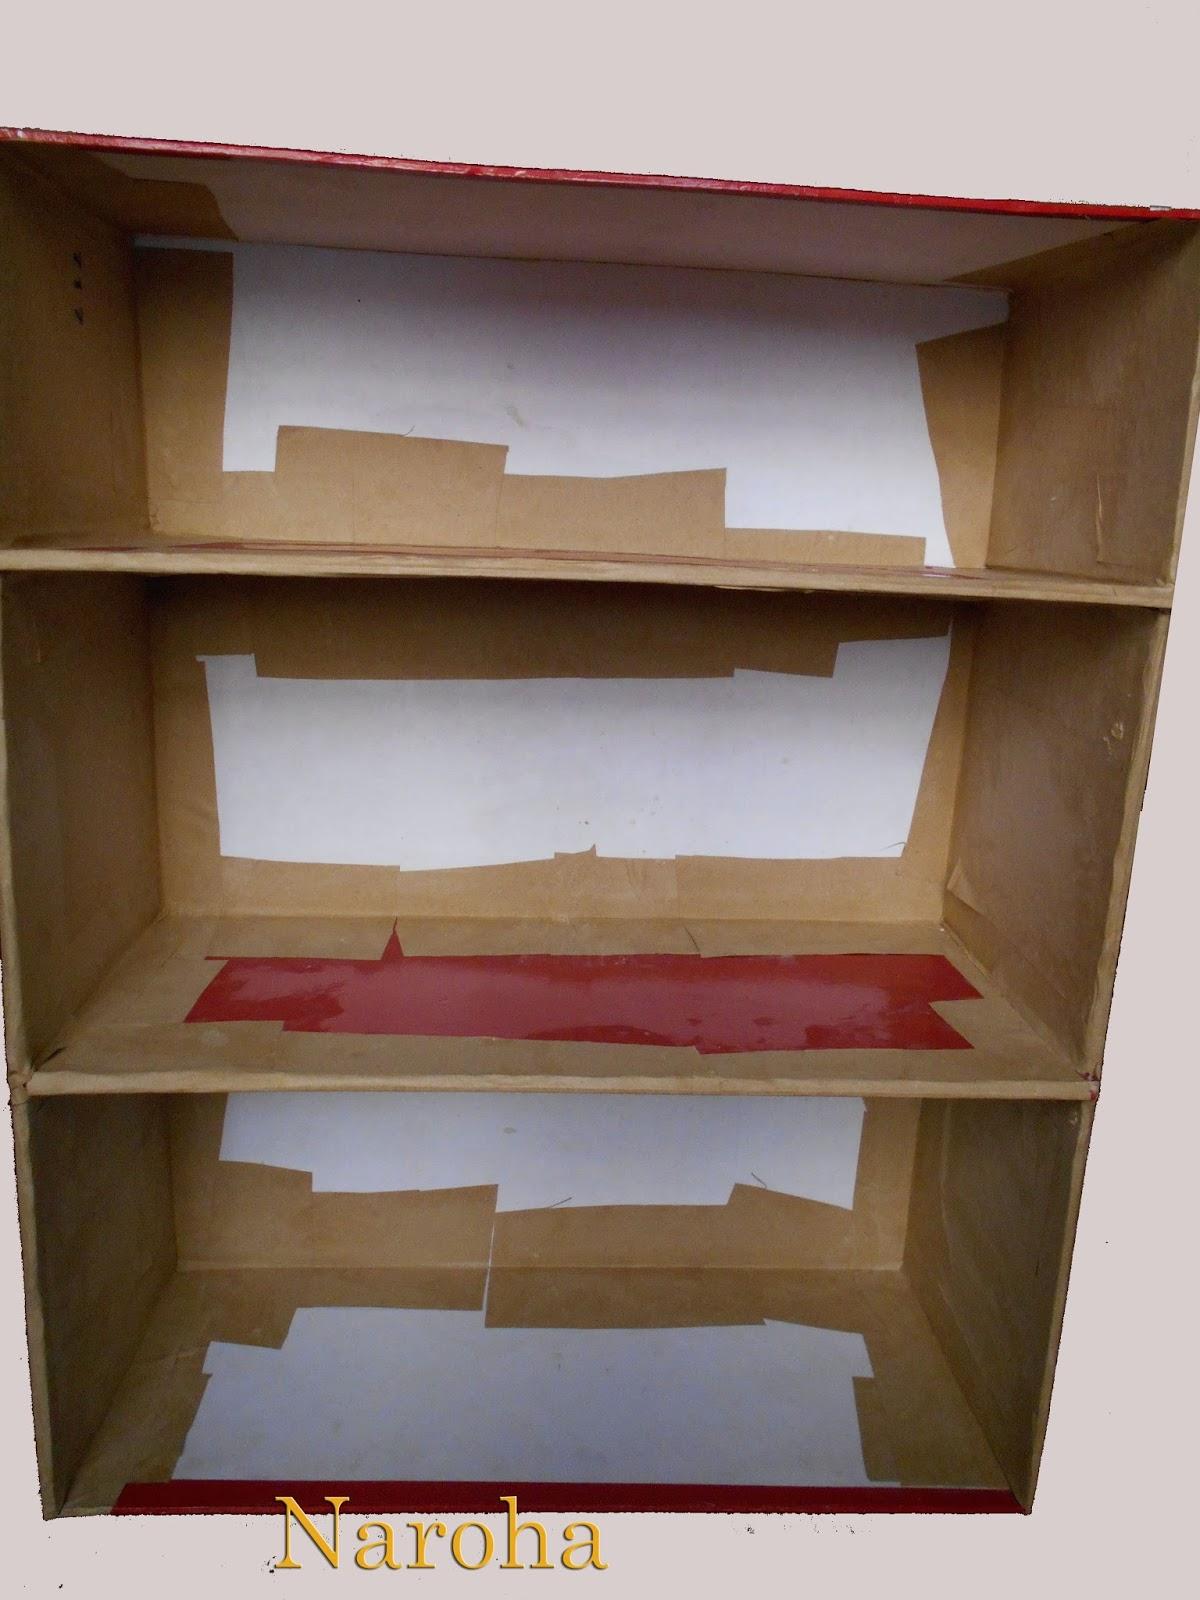 Como Hacer Un Mueble Para Ropa Con Cajas De Carton Cddigi Com # Muebles Hazlo Tu Mismo Reciclaje